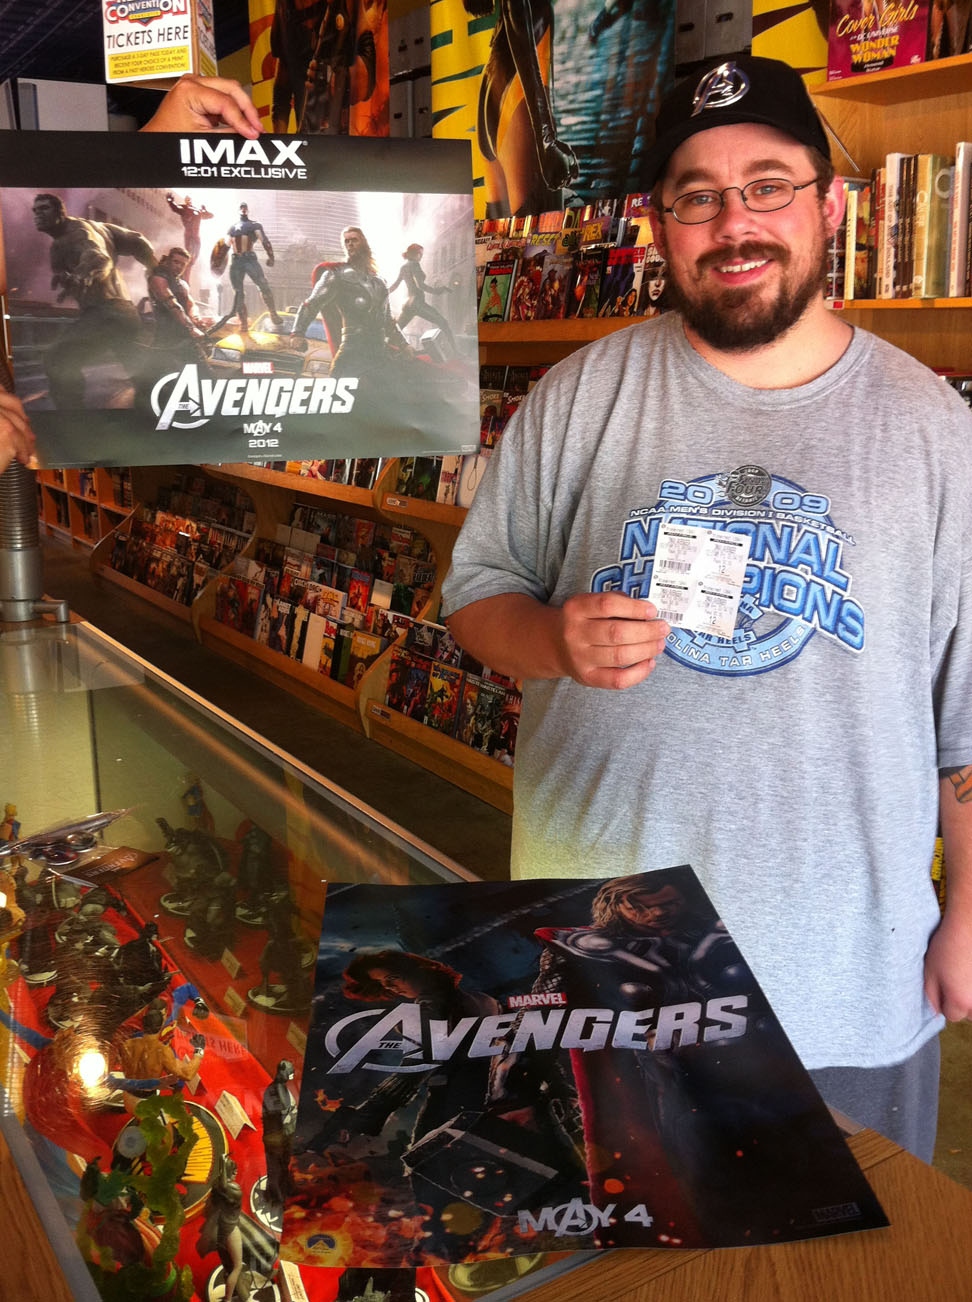 Michael Jolly - Avengers Movie Winner